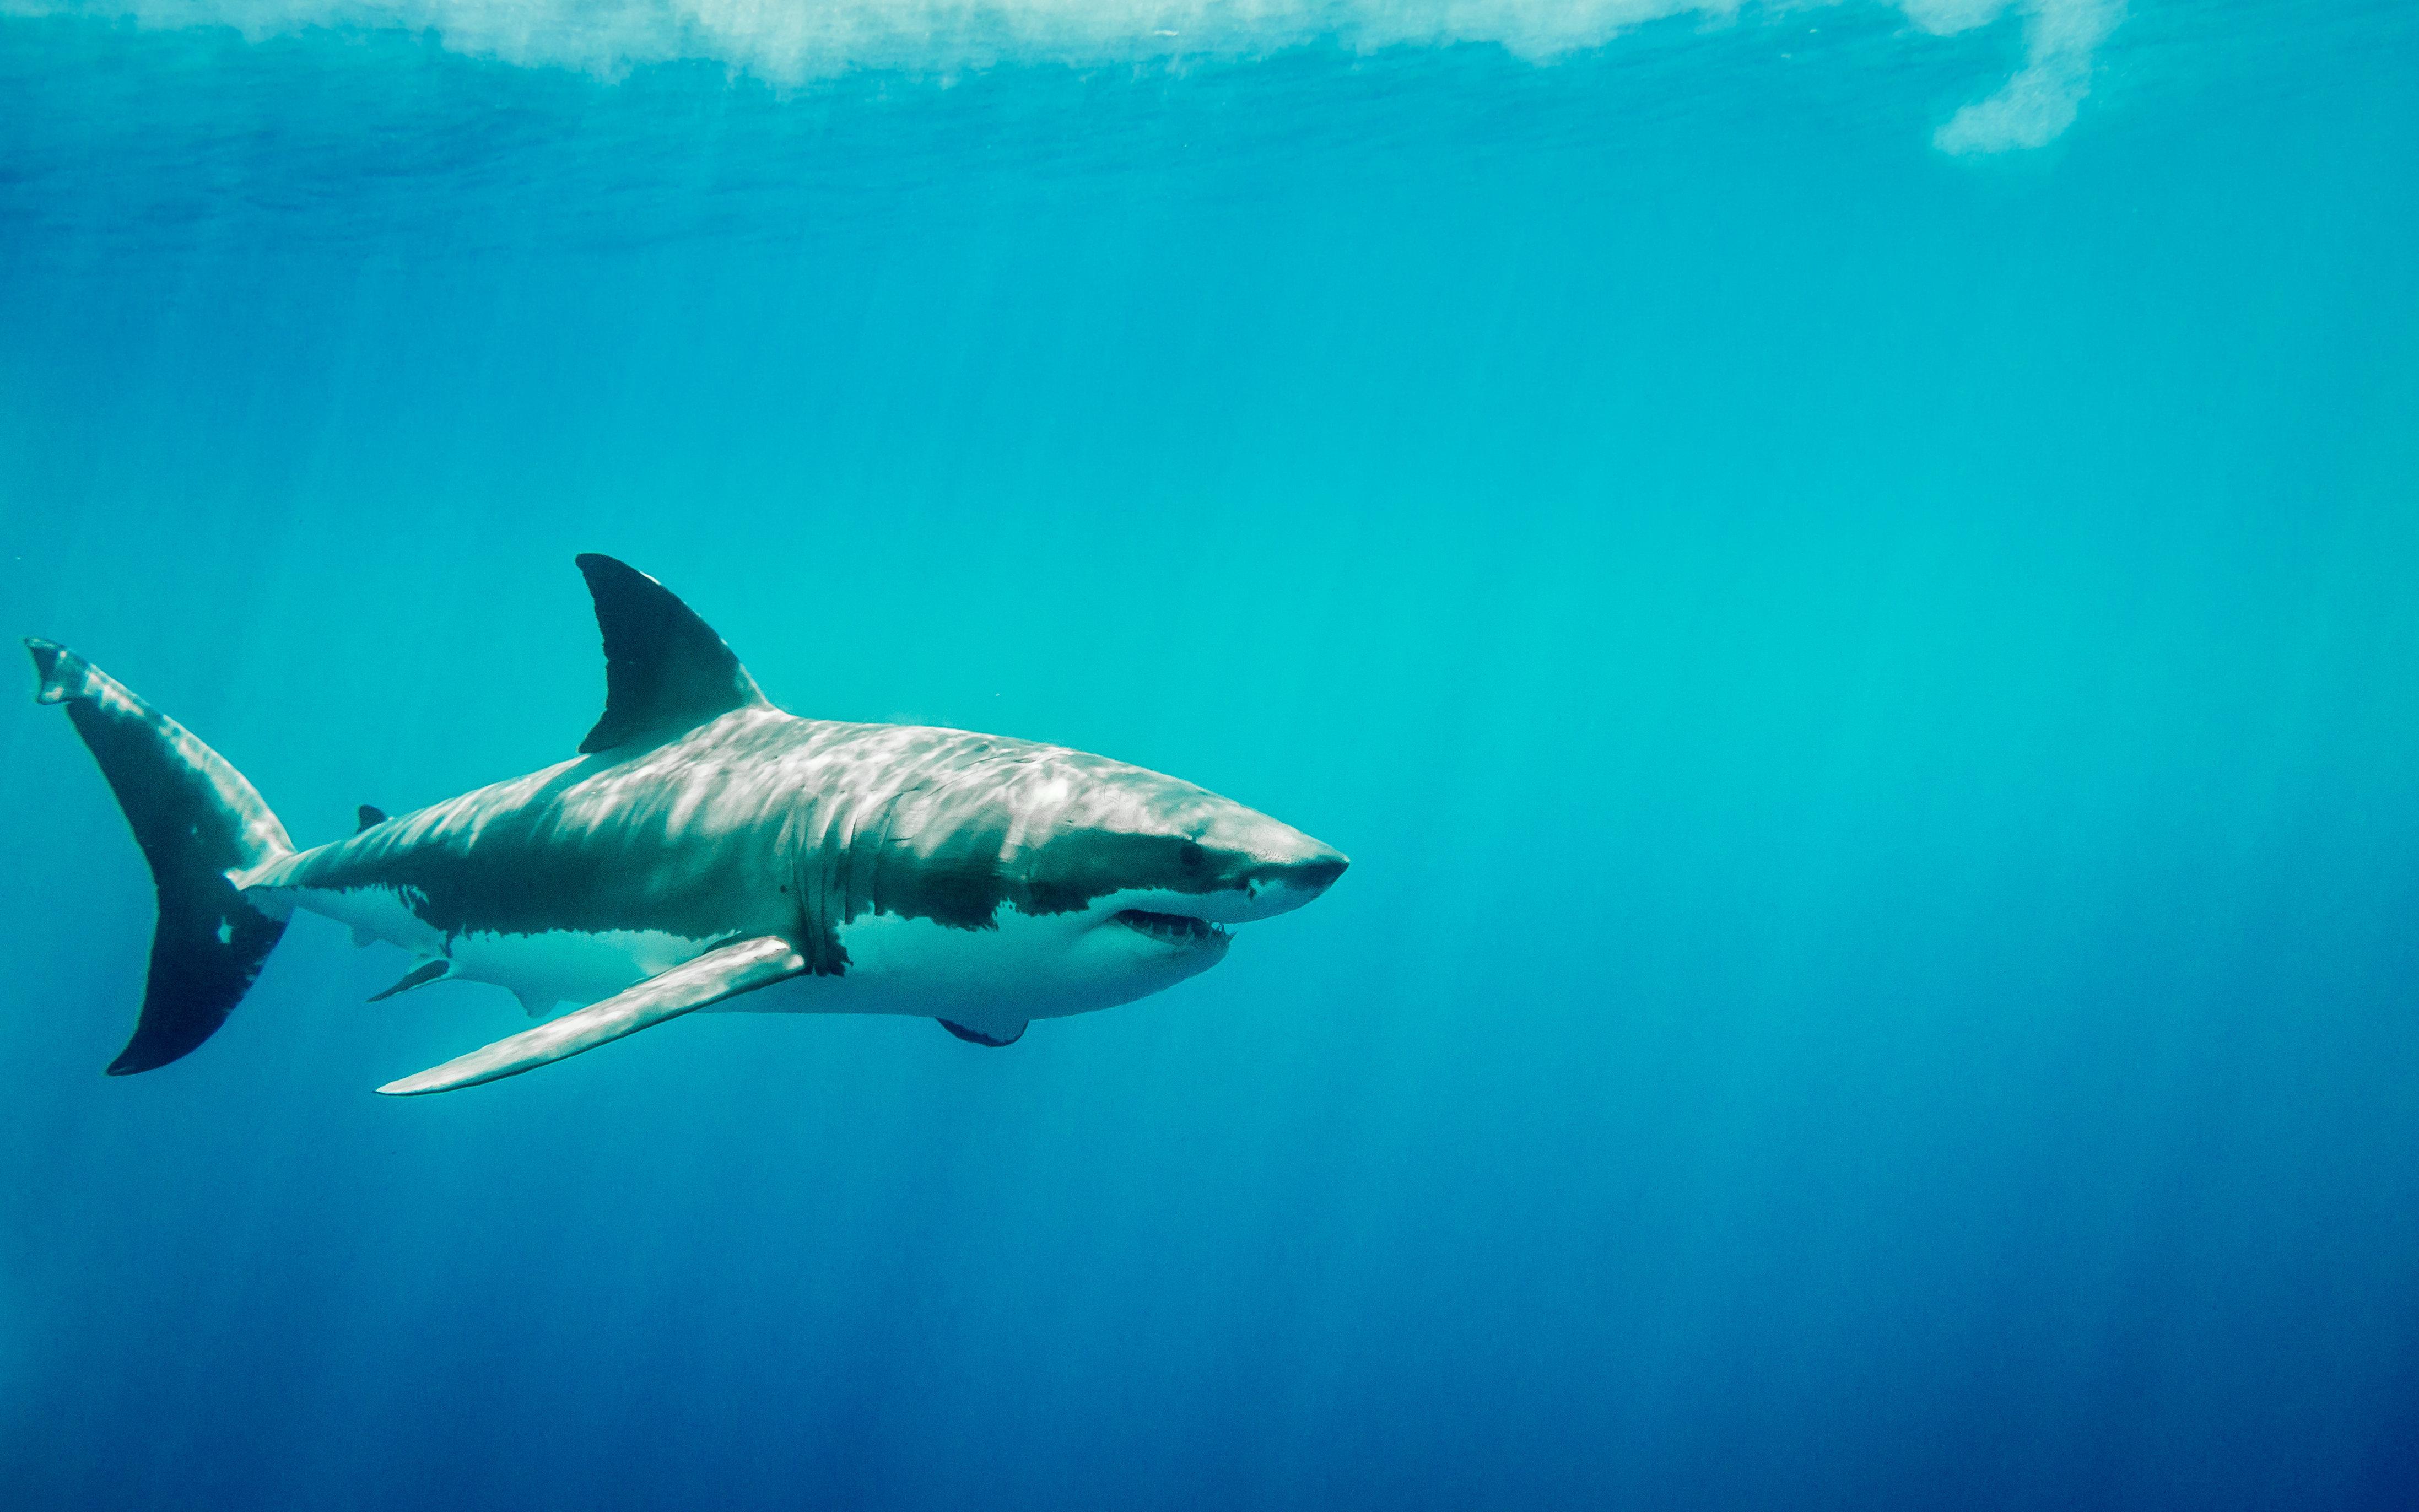 Η μυστική ζωή του λευκού καρχαρία: Γιατί κάθε Δεκέμβρη μεταναστεύουν σε ένα άγνωστο μέρος στη μέση του